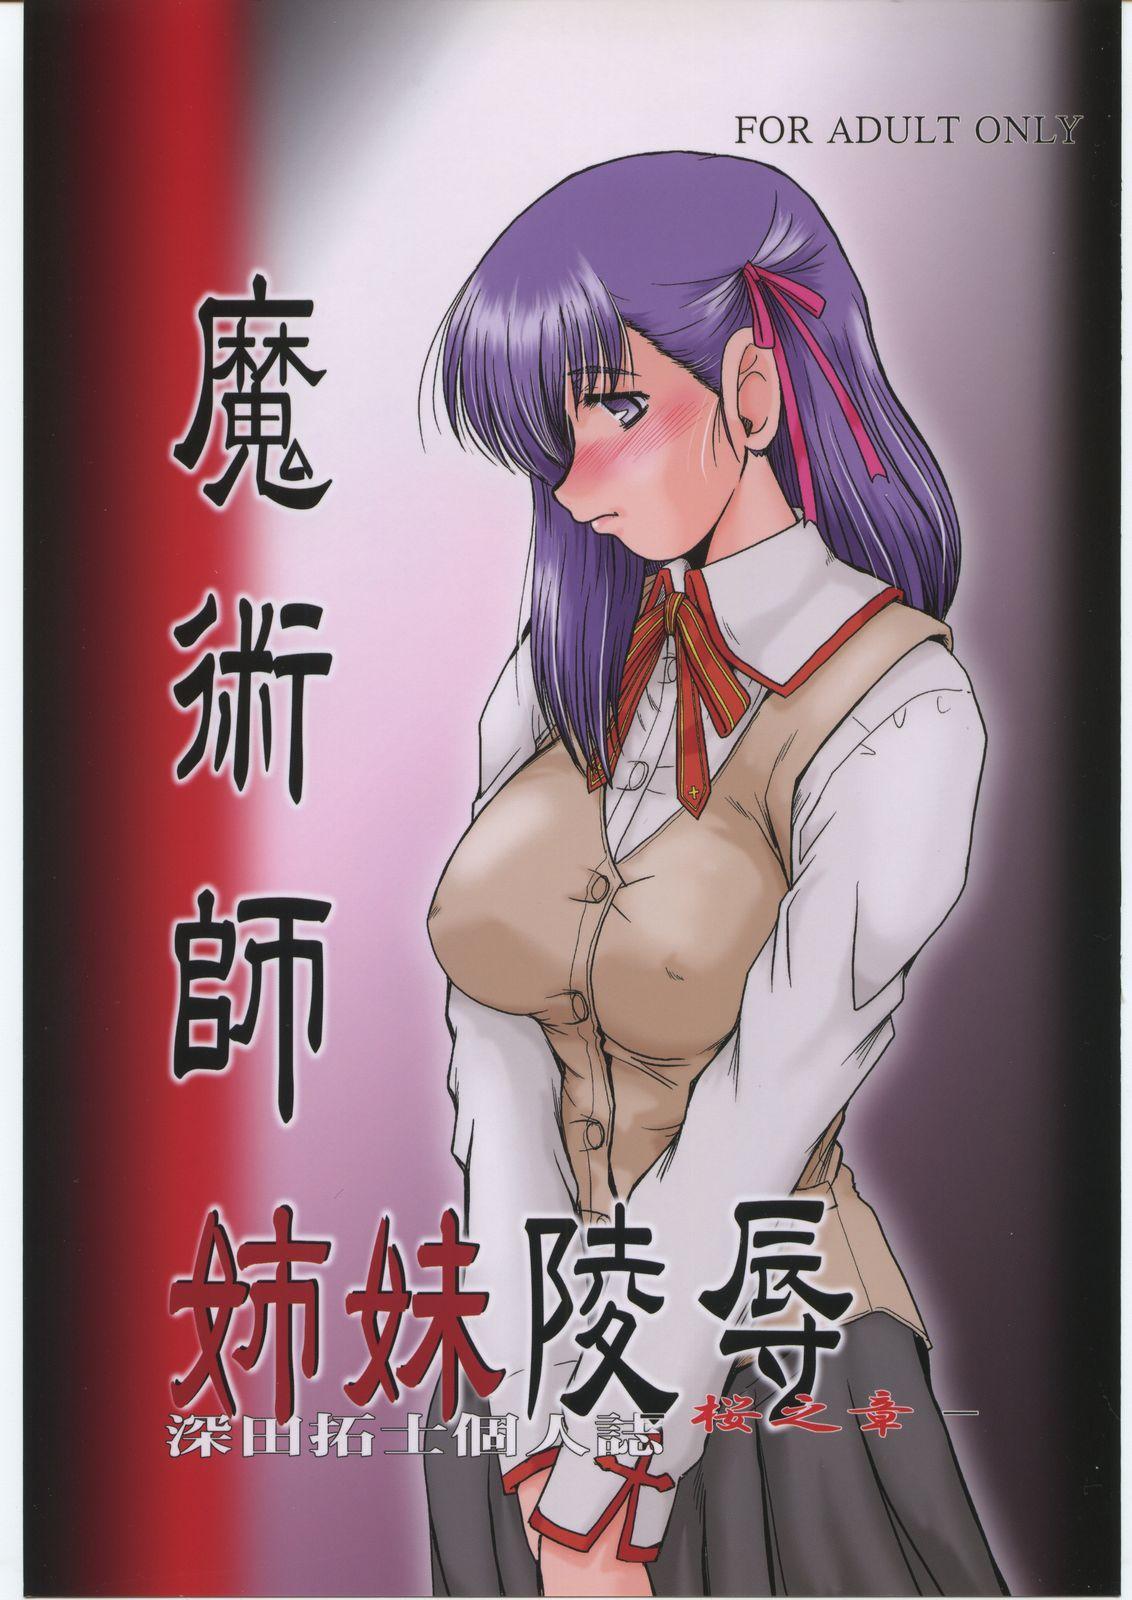 (C70 [Parupunte (Fukada Takushi)] Majutsushi Shimai Ryoujoku ~Sakura no shou~ (Fate/stay night) 0